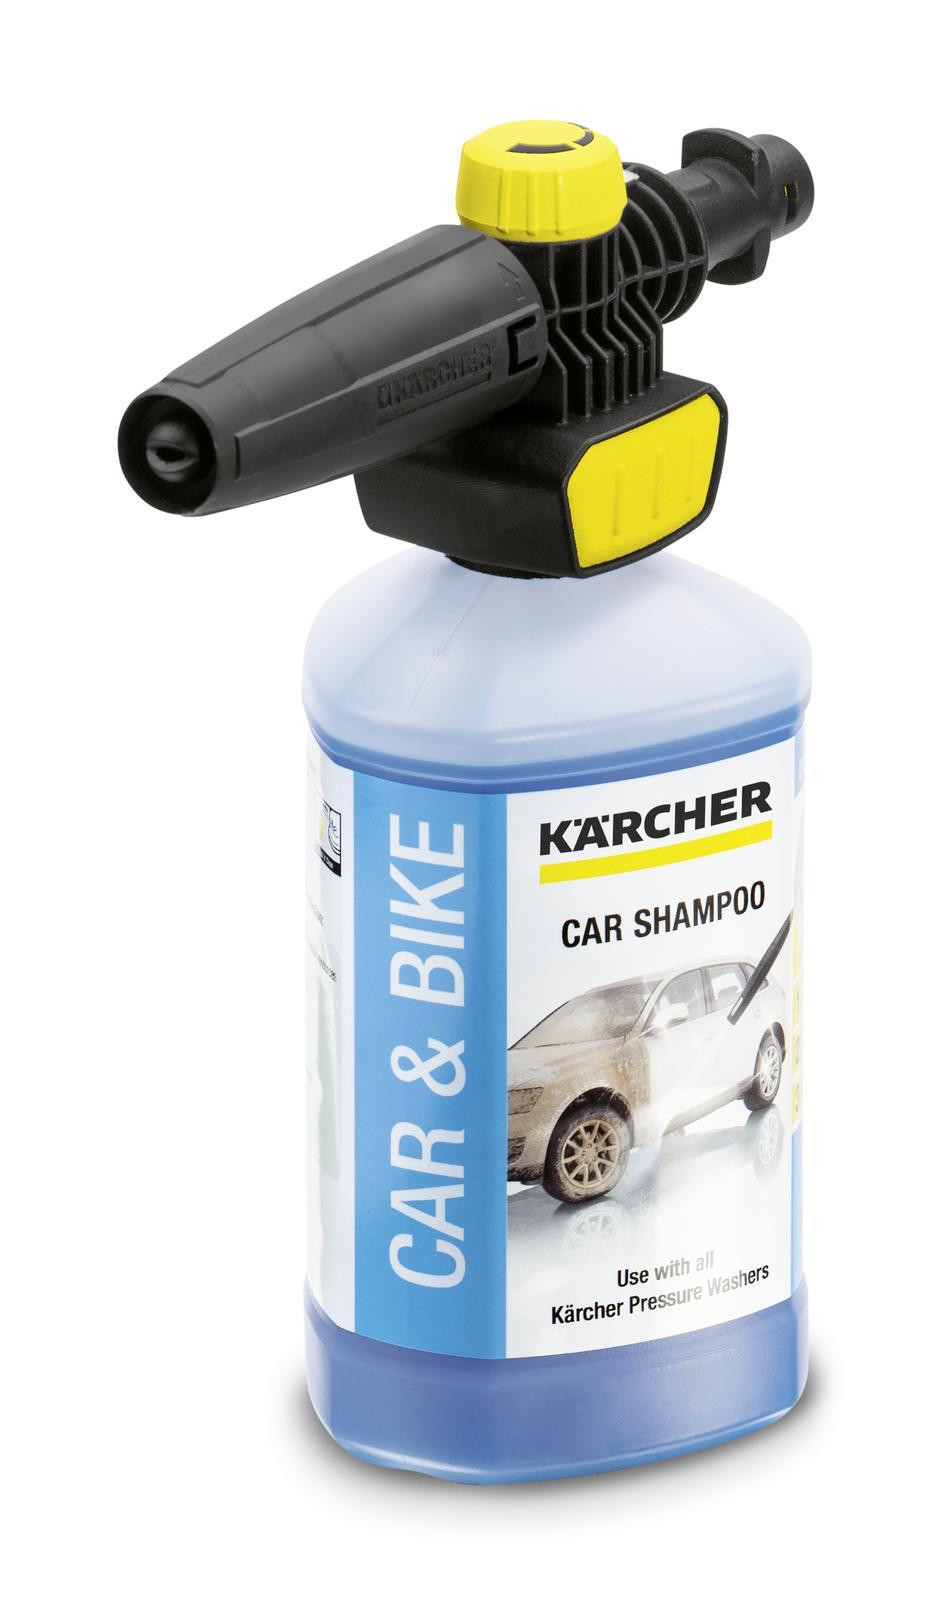 Kärcher Schaumdüse Auto FJ 10 C, 2.643-144.0